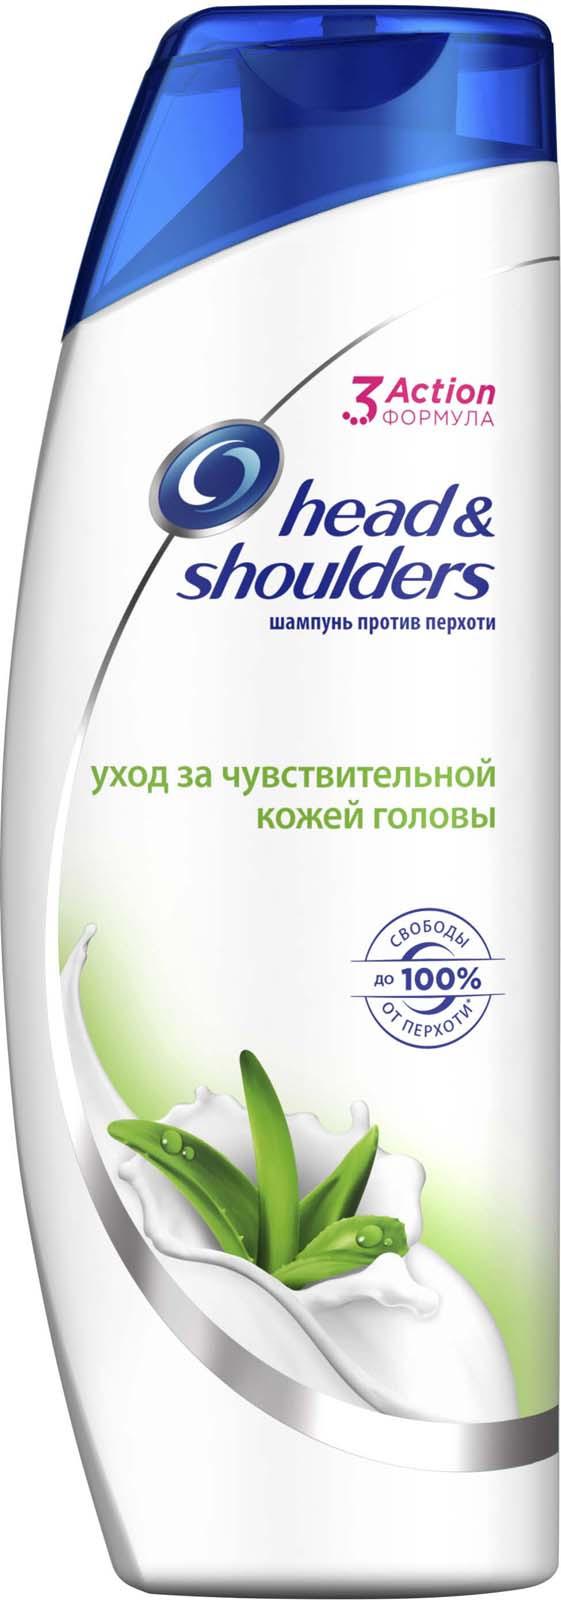 Шампунь против перхоти Head&Shoulders Уход за чувствительной кожей головы, 600 мл цена